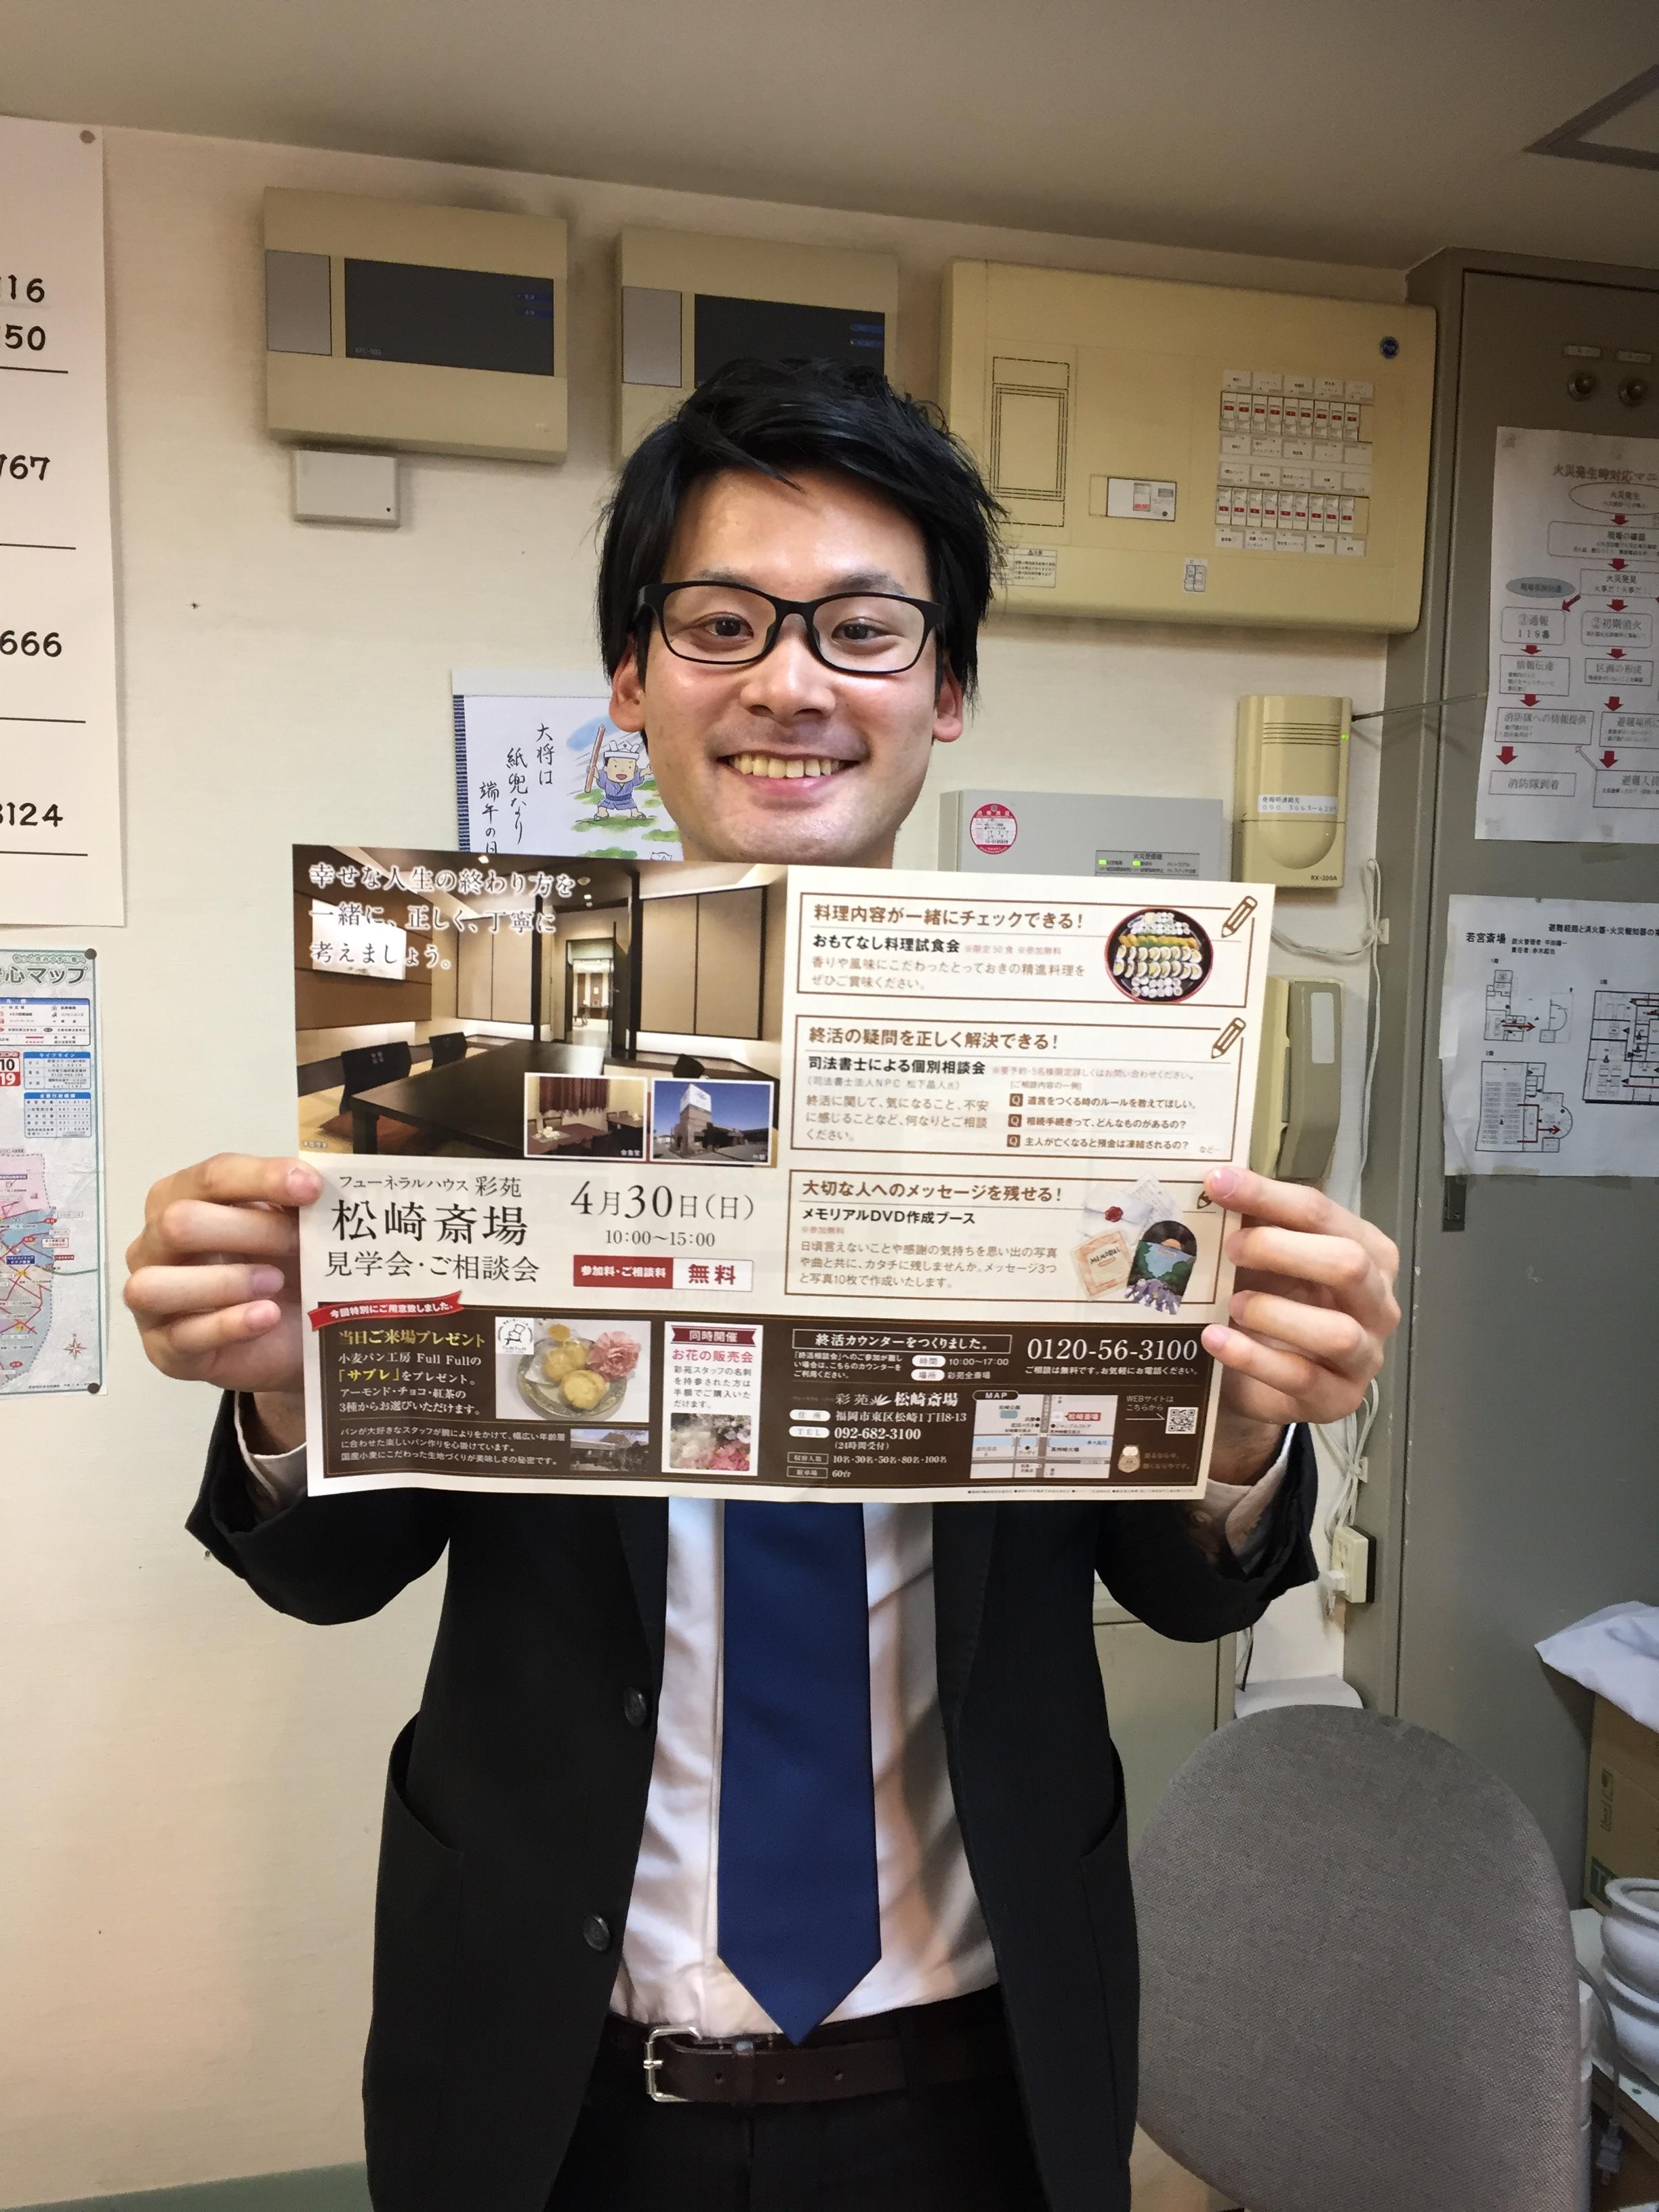 松崎斎場展示会 開催しました(*^_^*)